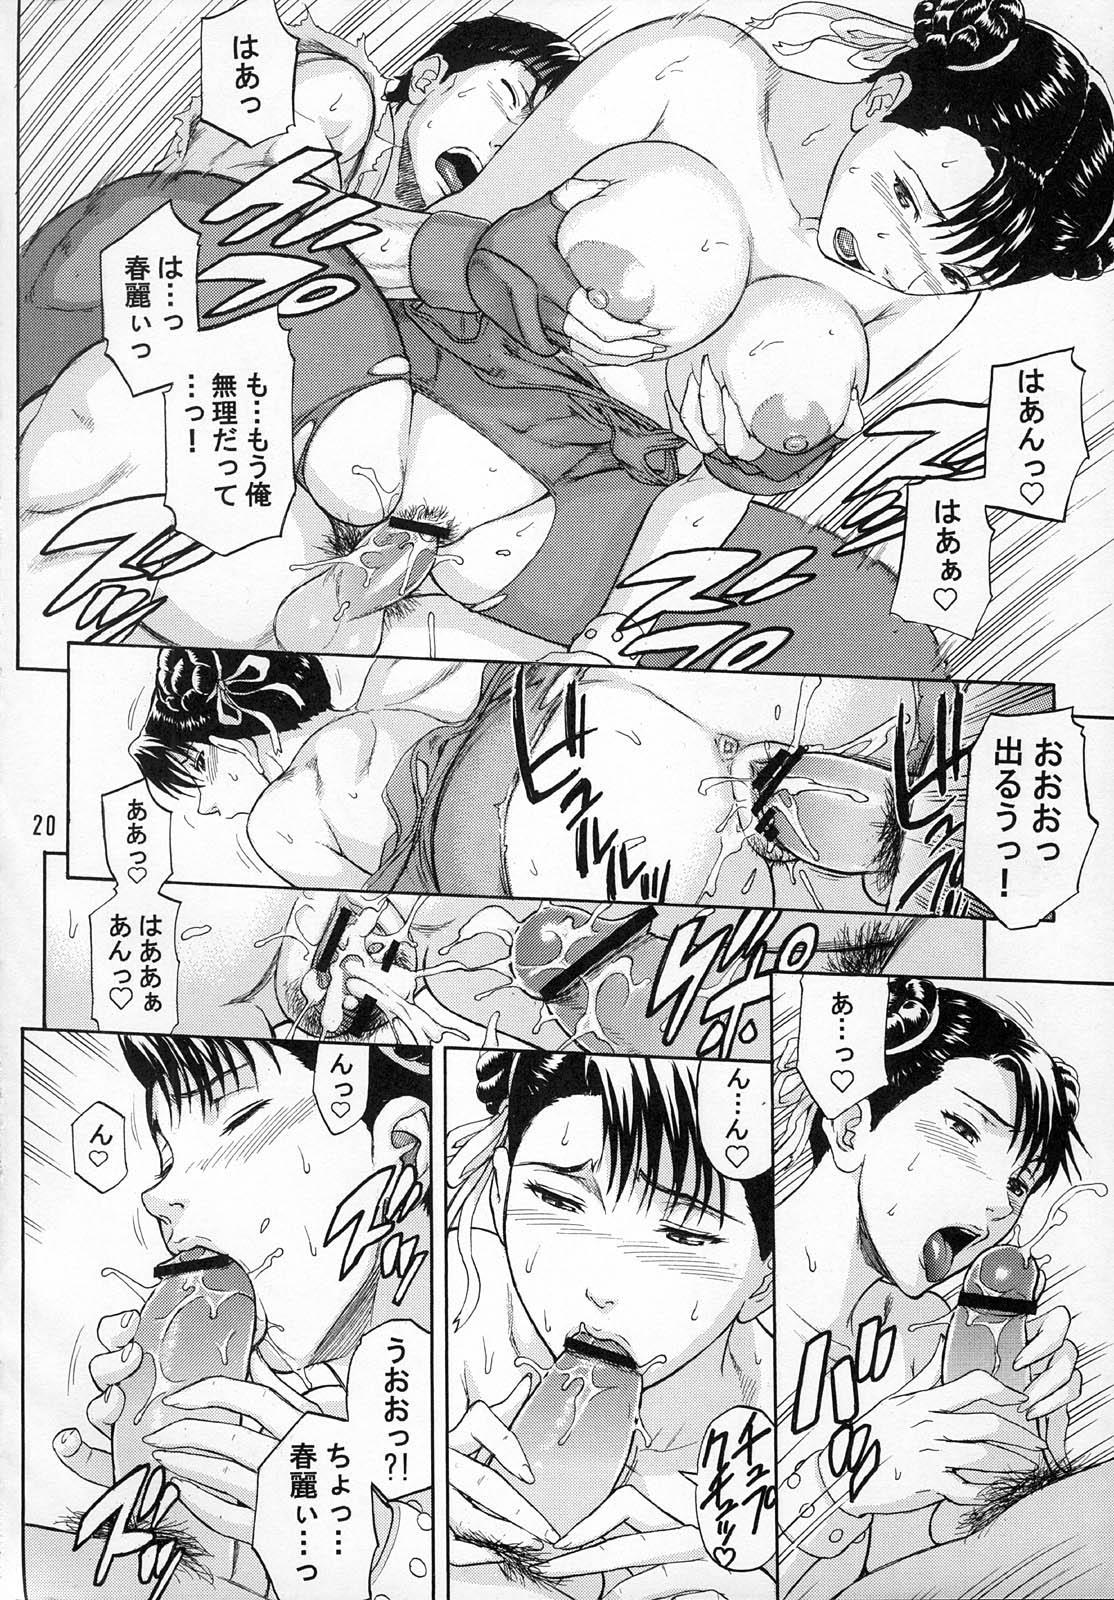 Ore Yori Tsuyoi Yatsu Ni I need you! 18